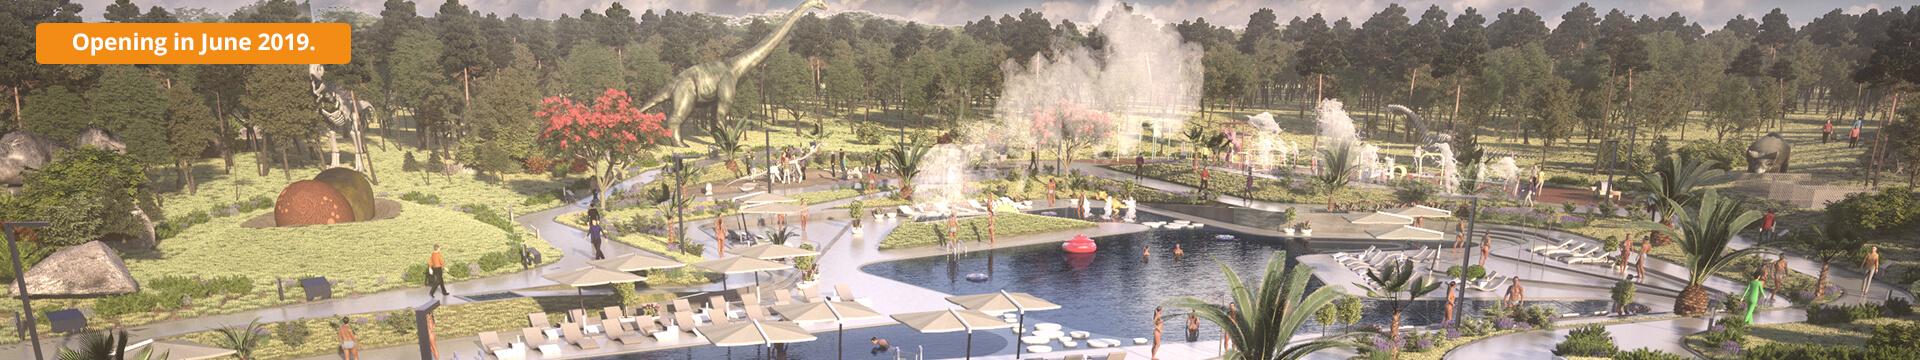 Camping Mon Perin wordt rijker voor een nieuw themawaterpark en 20 nieuwe stacaravans